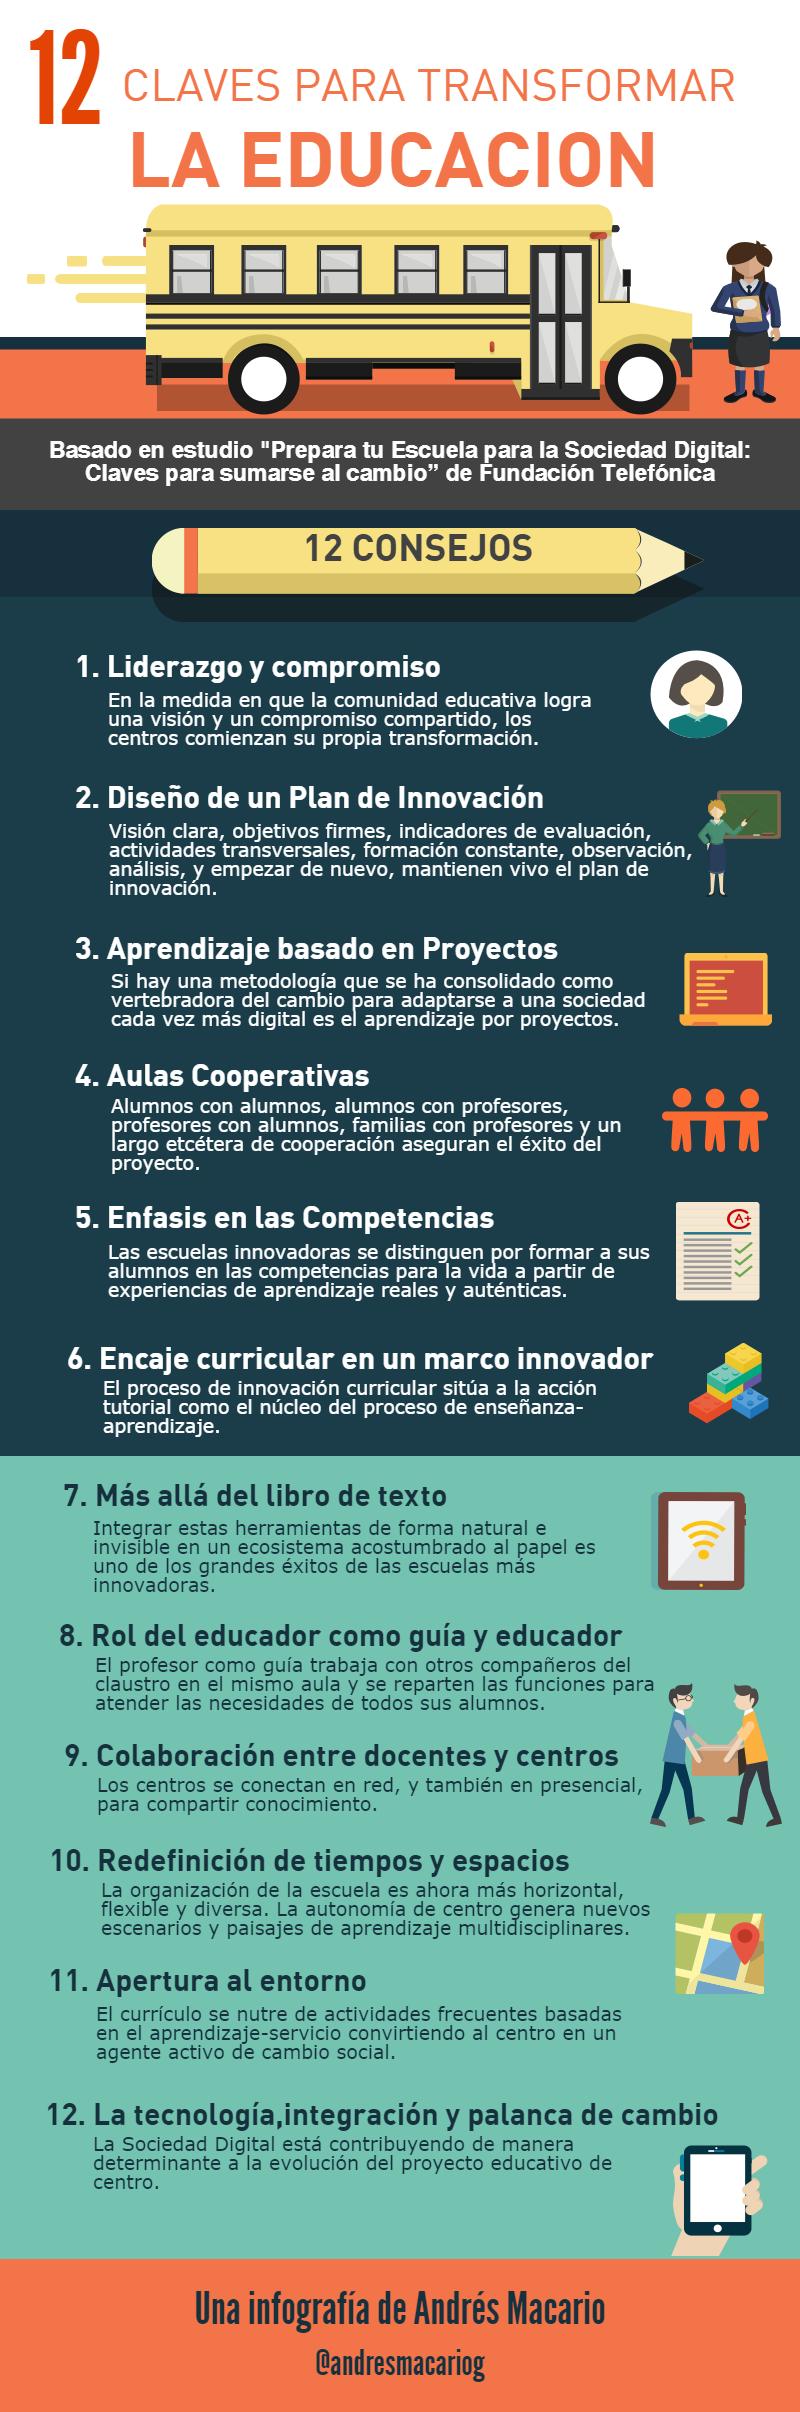 12 claves para transformar la Educación